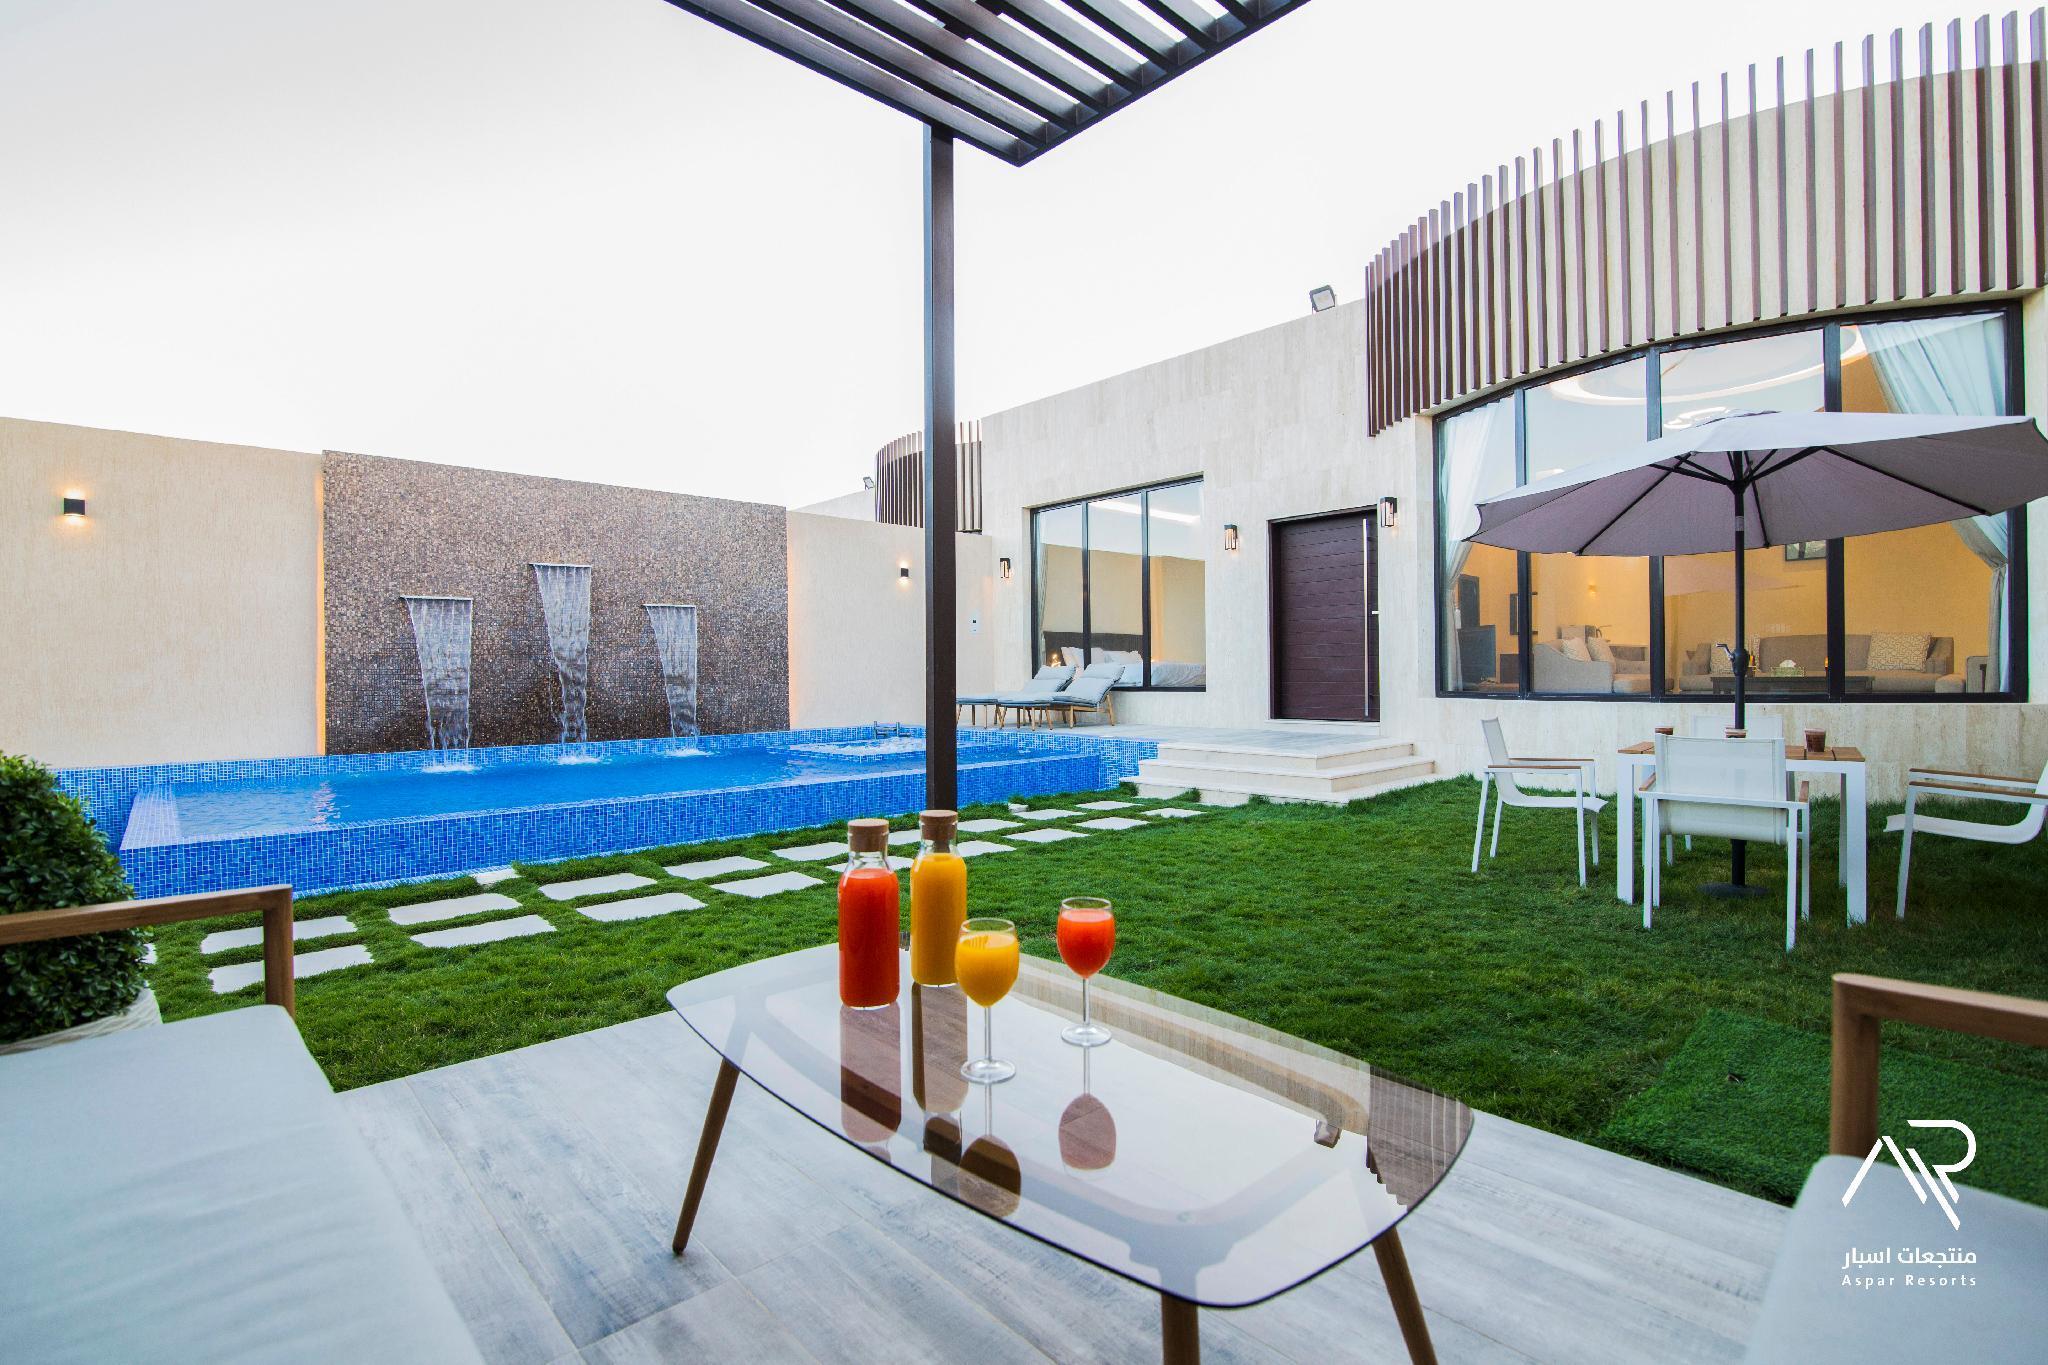 Aspar Resorts